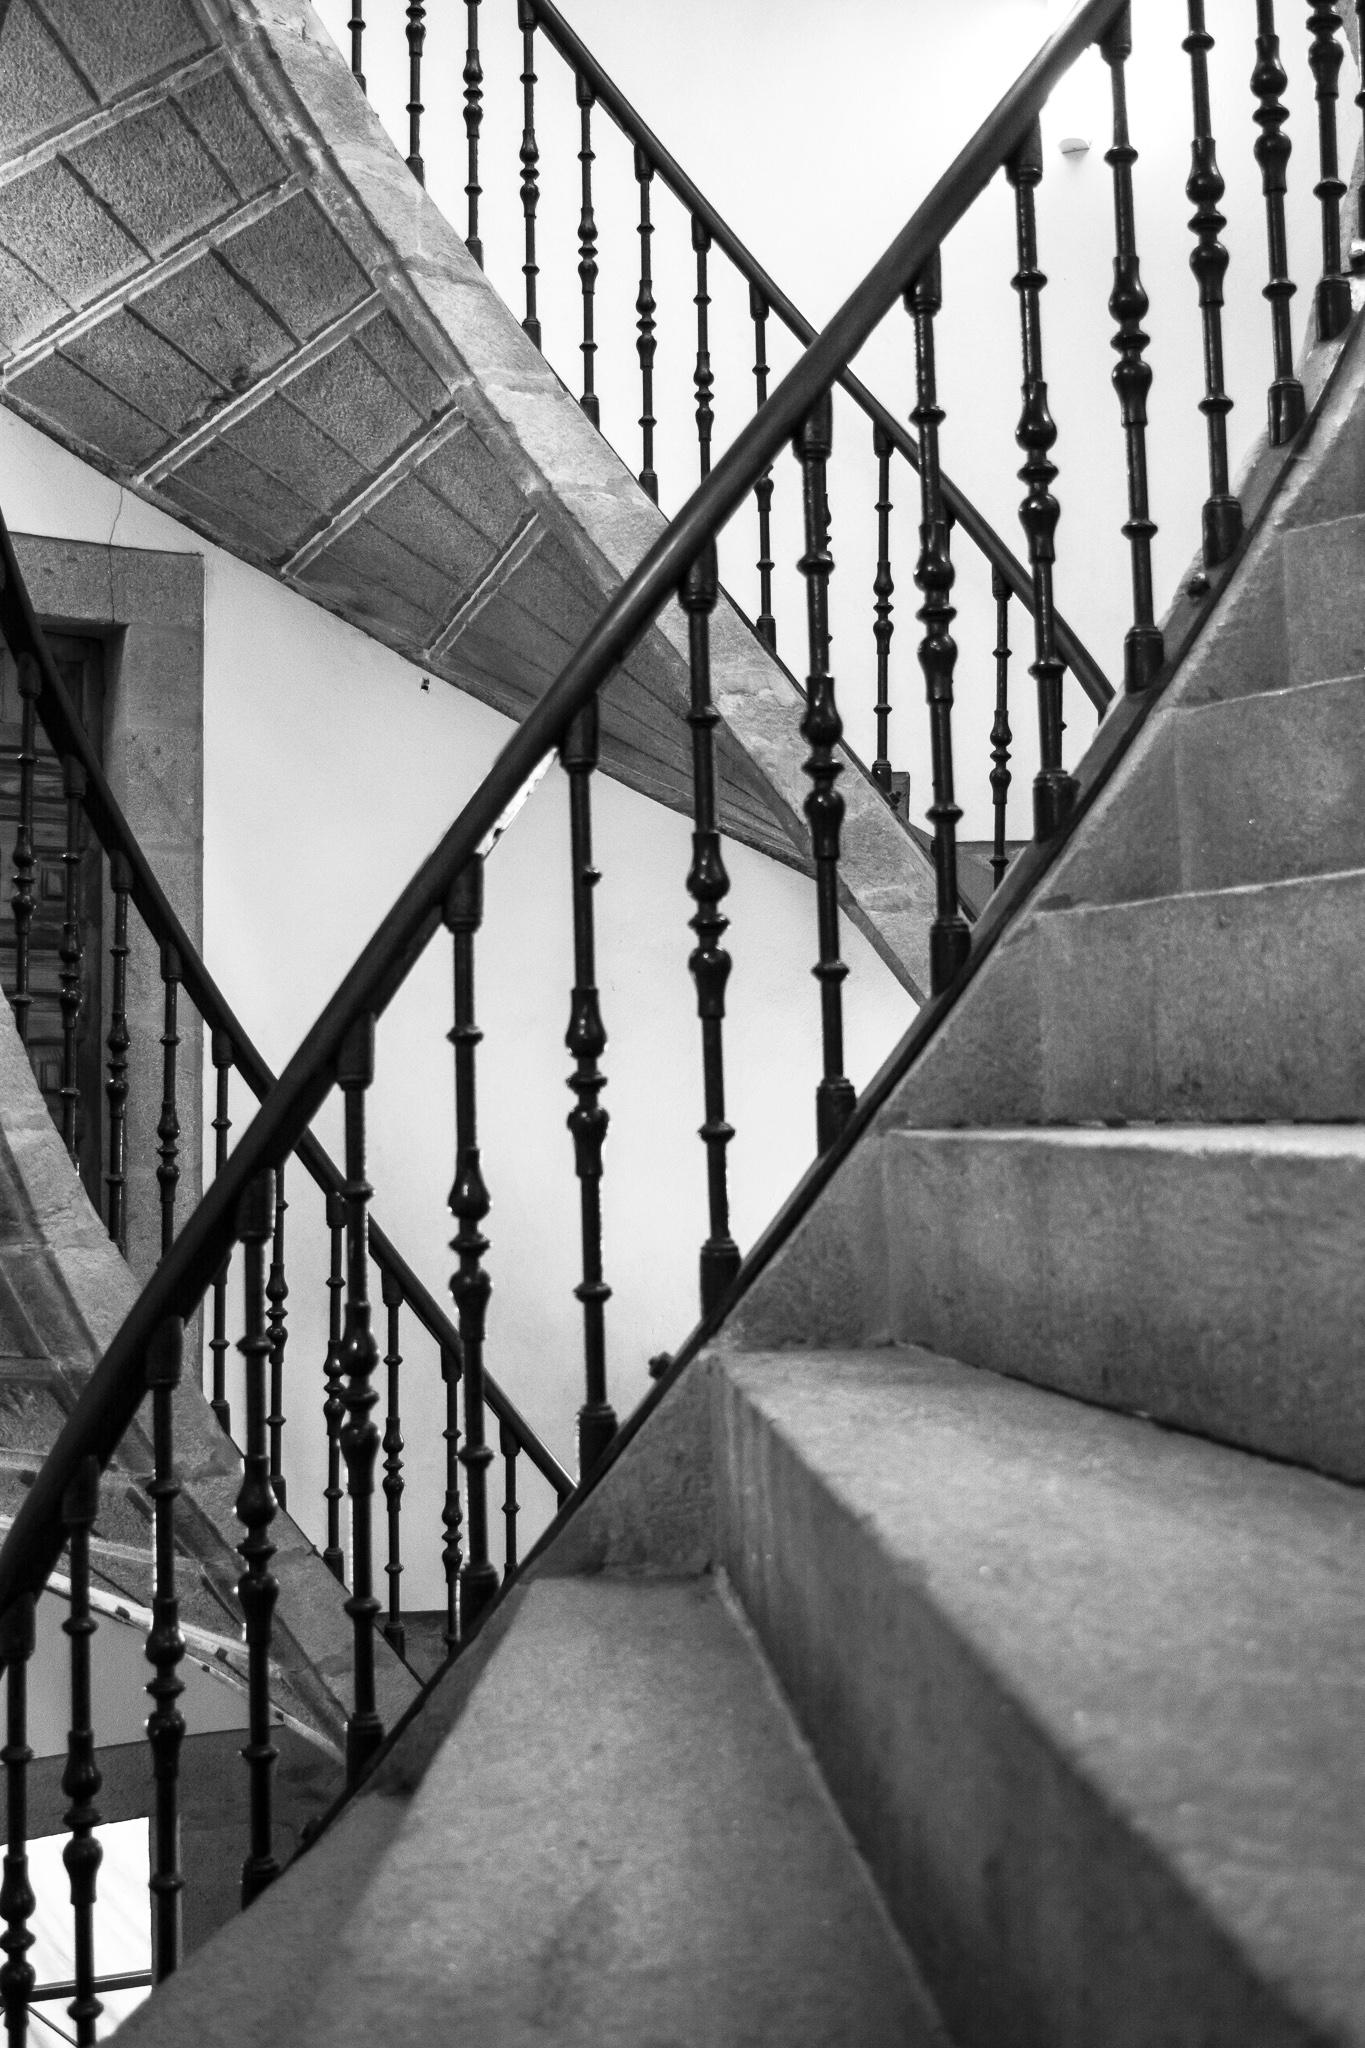 Dentro del antiguo convento dominico de San Domingos de Bonaval, en el que se ubican el Museo do Pobo Galego y el Panteón de Galegos Ilustres, se encuentra la triple escalera helicoidal, obra del arquitecto Domingo de Andrade (s.XVII y XVIII), y que está formada por tres espirales independientes que llevan a diferentes salas.